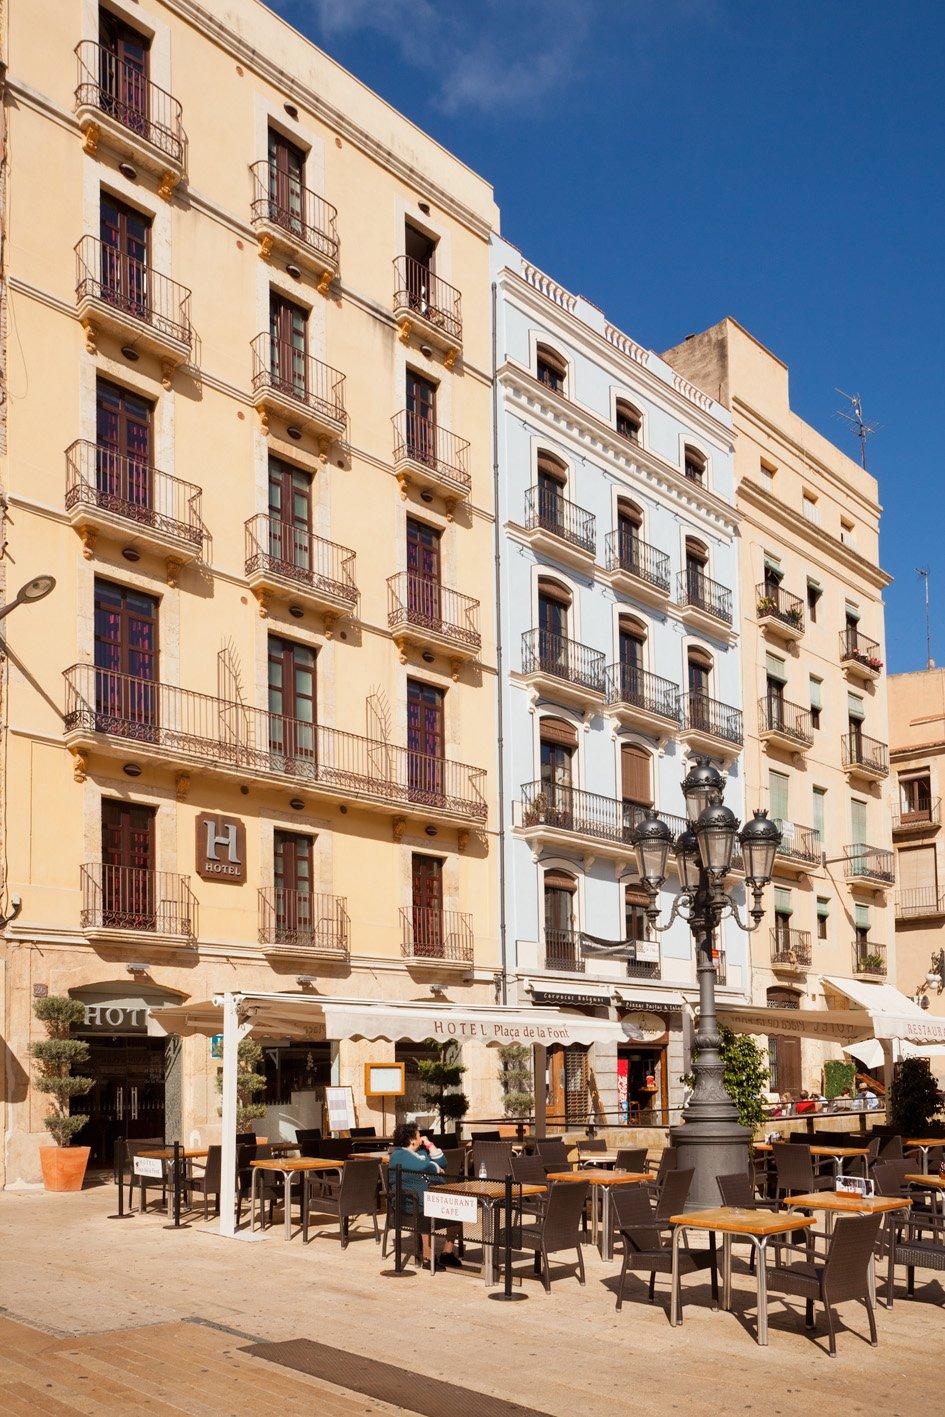 hotel_la_fontnombre_del_documento_12-c1f0010652beaaba68102bcfd719fd46